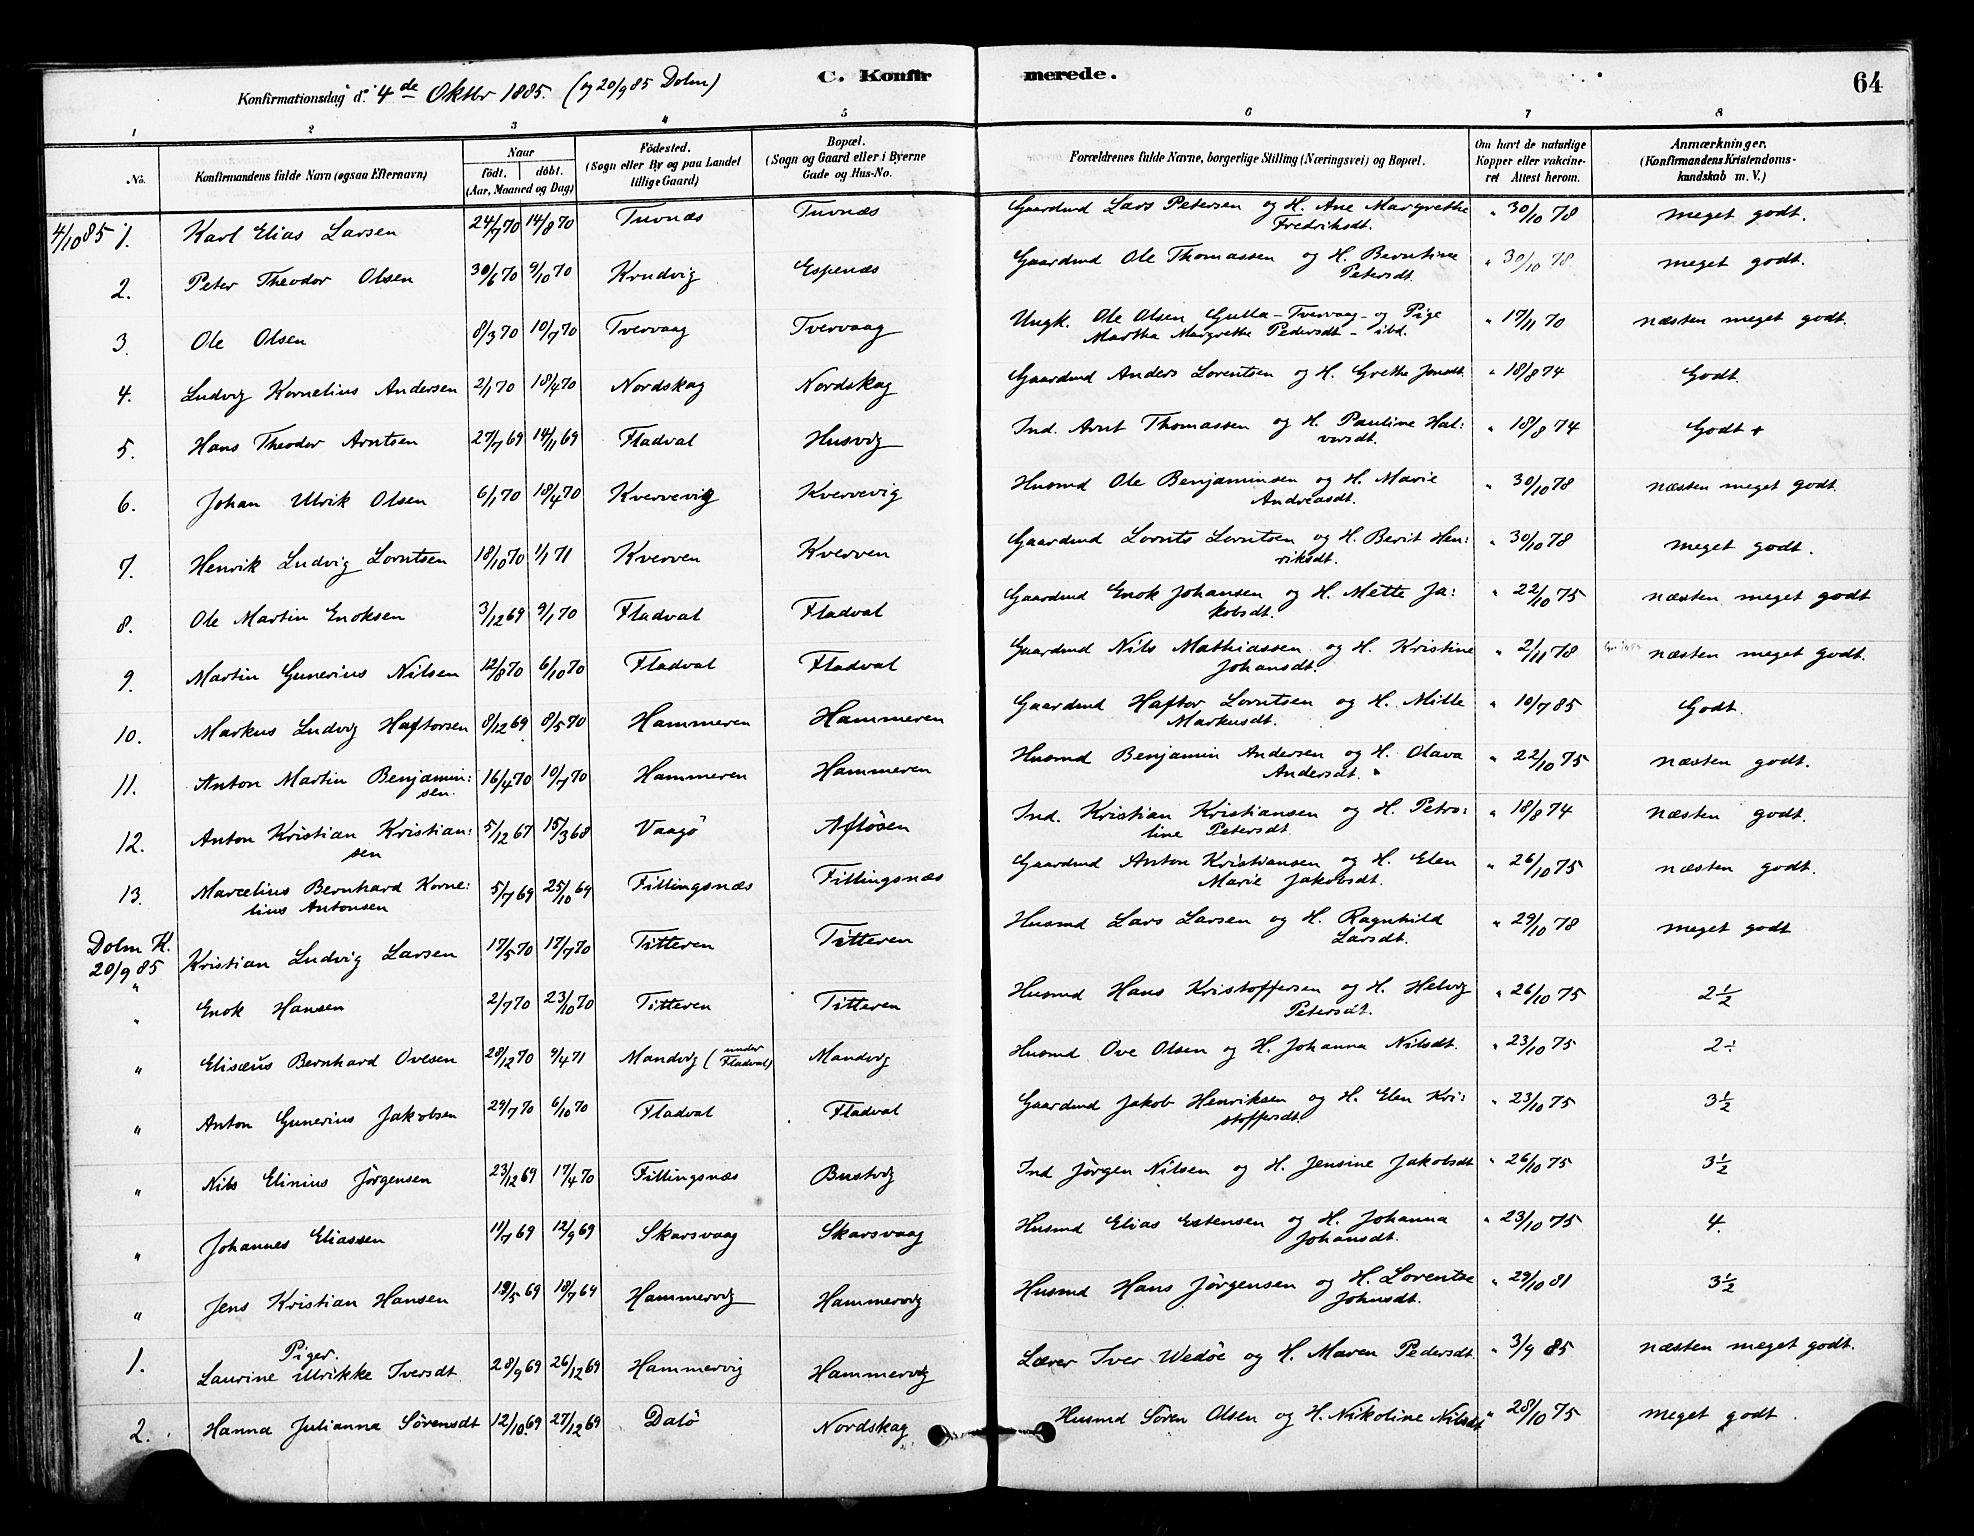 SAT, Ministerialprotokoller, klokkerbøker og fødselsregistre - Sør-Trøndelag, 641/L0595: Ministerialbok nr. 641A01, 1882-1897, s. 64